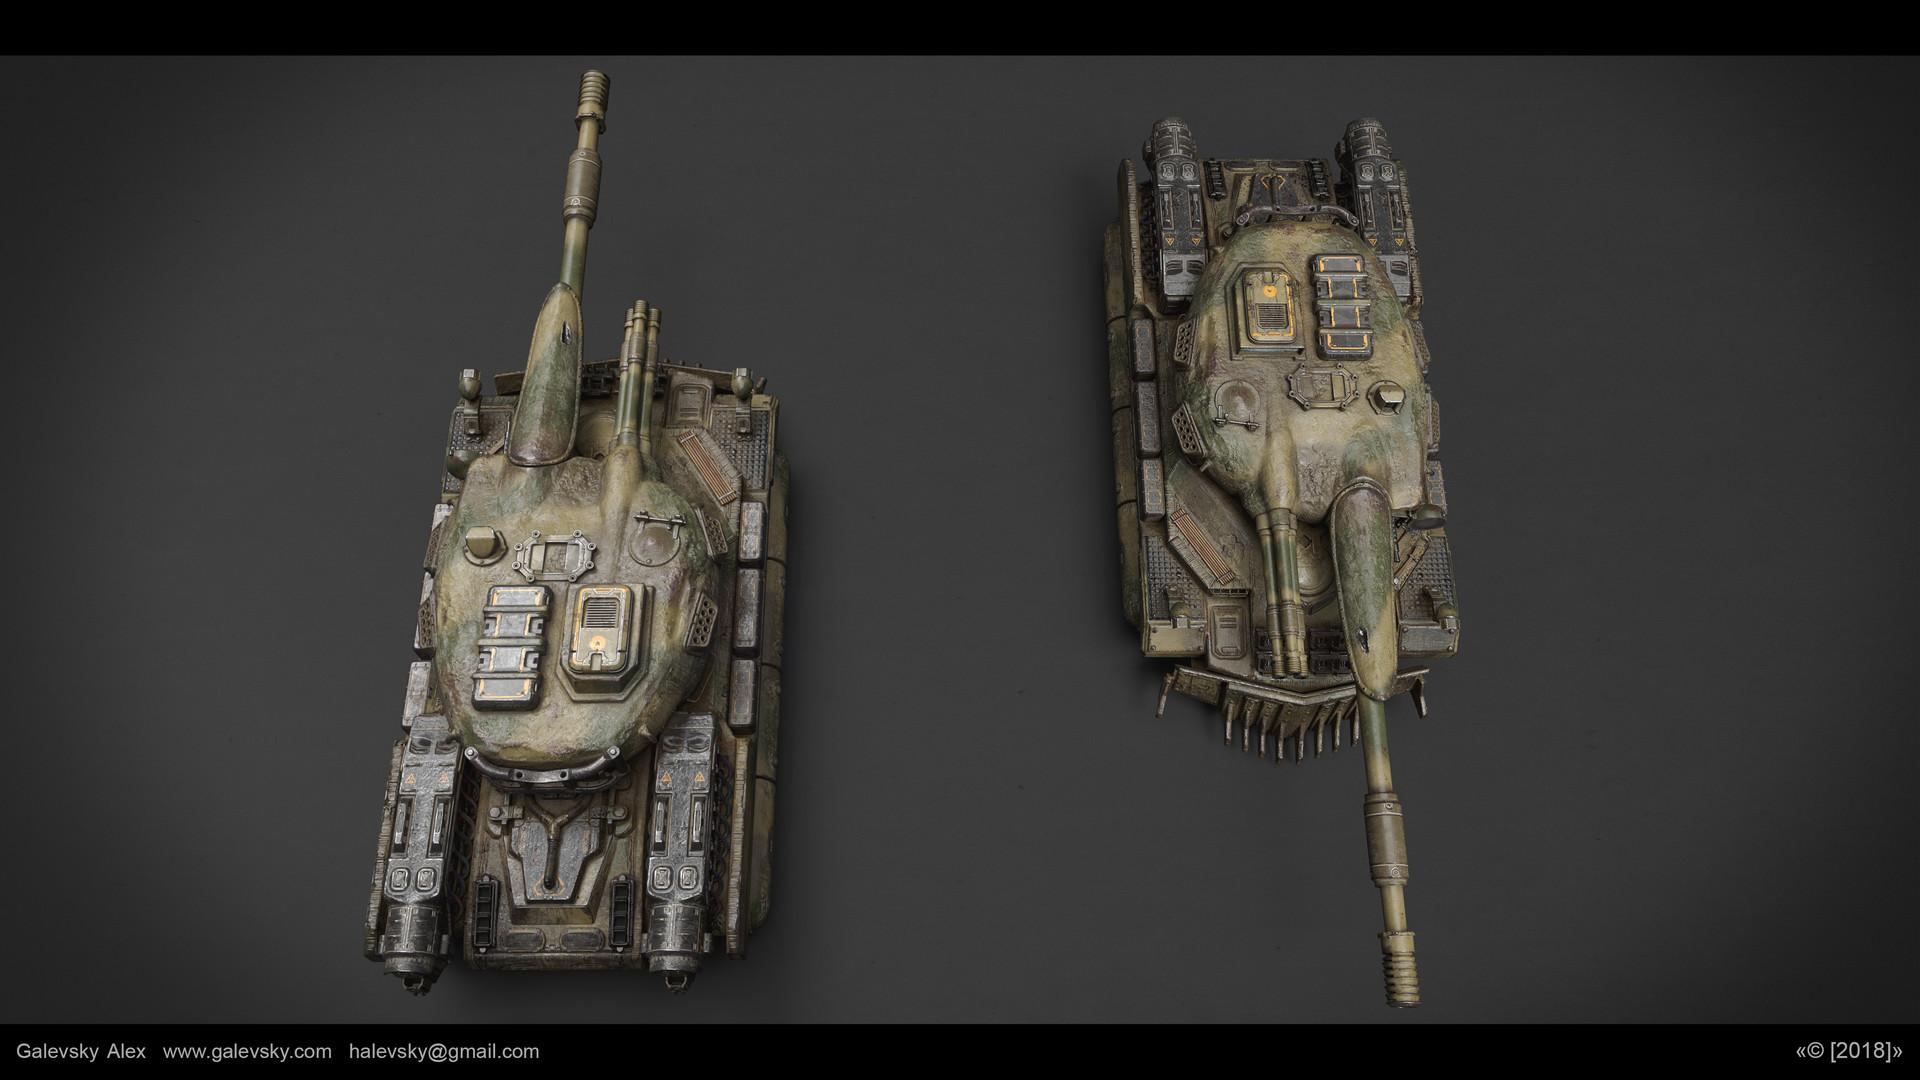 Aleksander galevskyi model 08